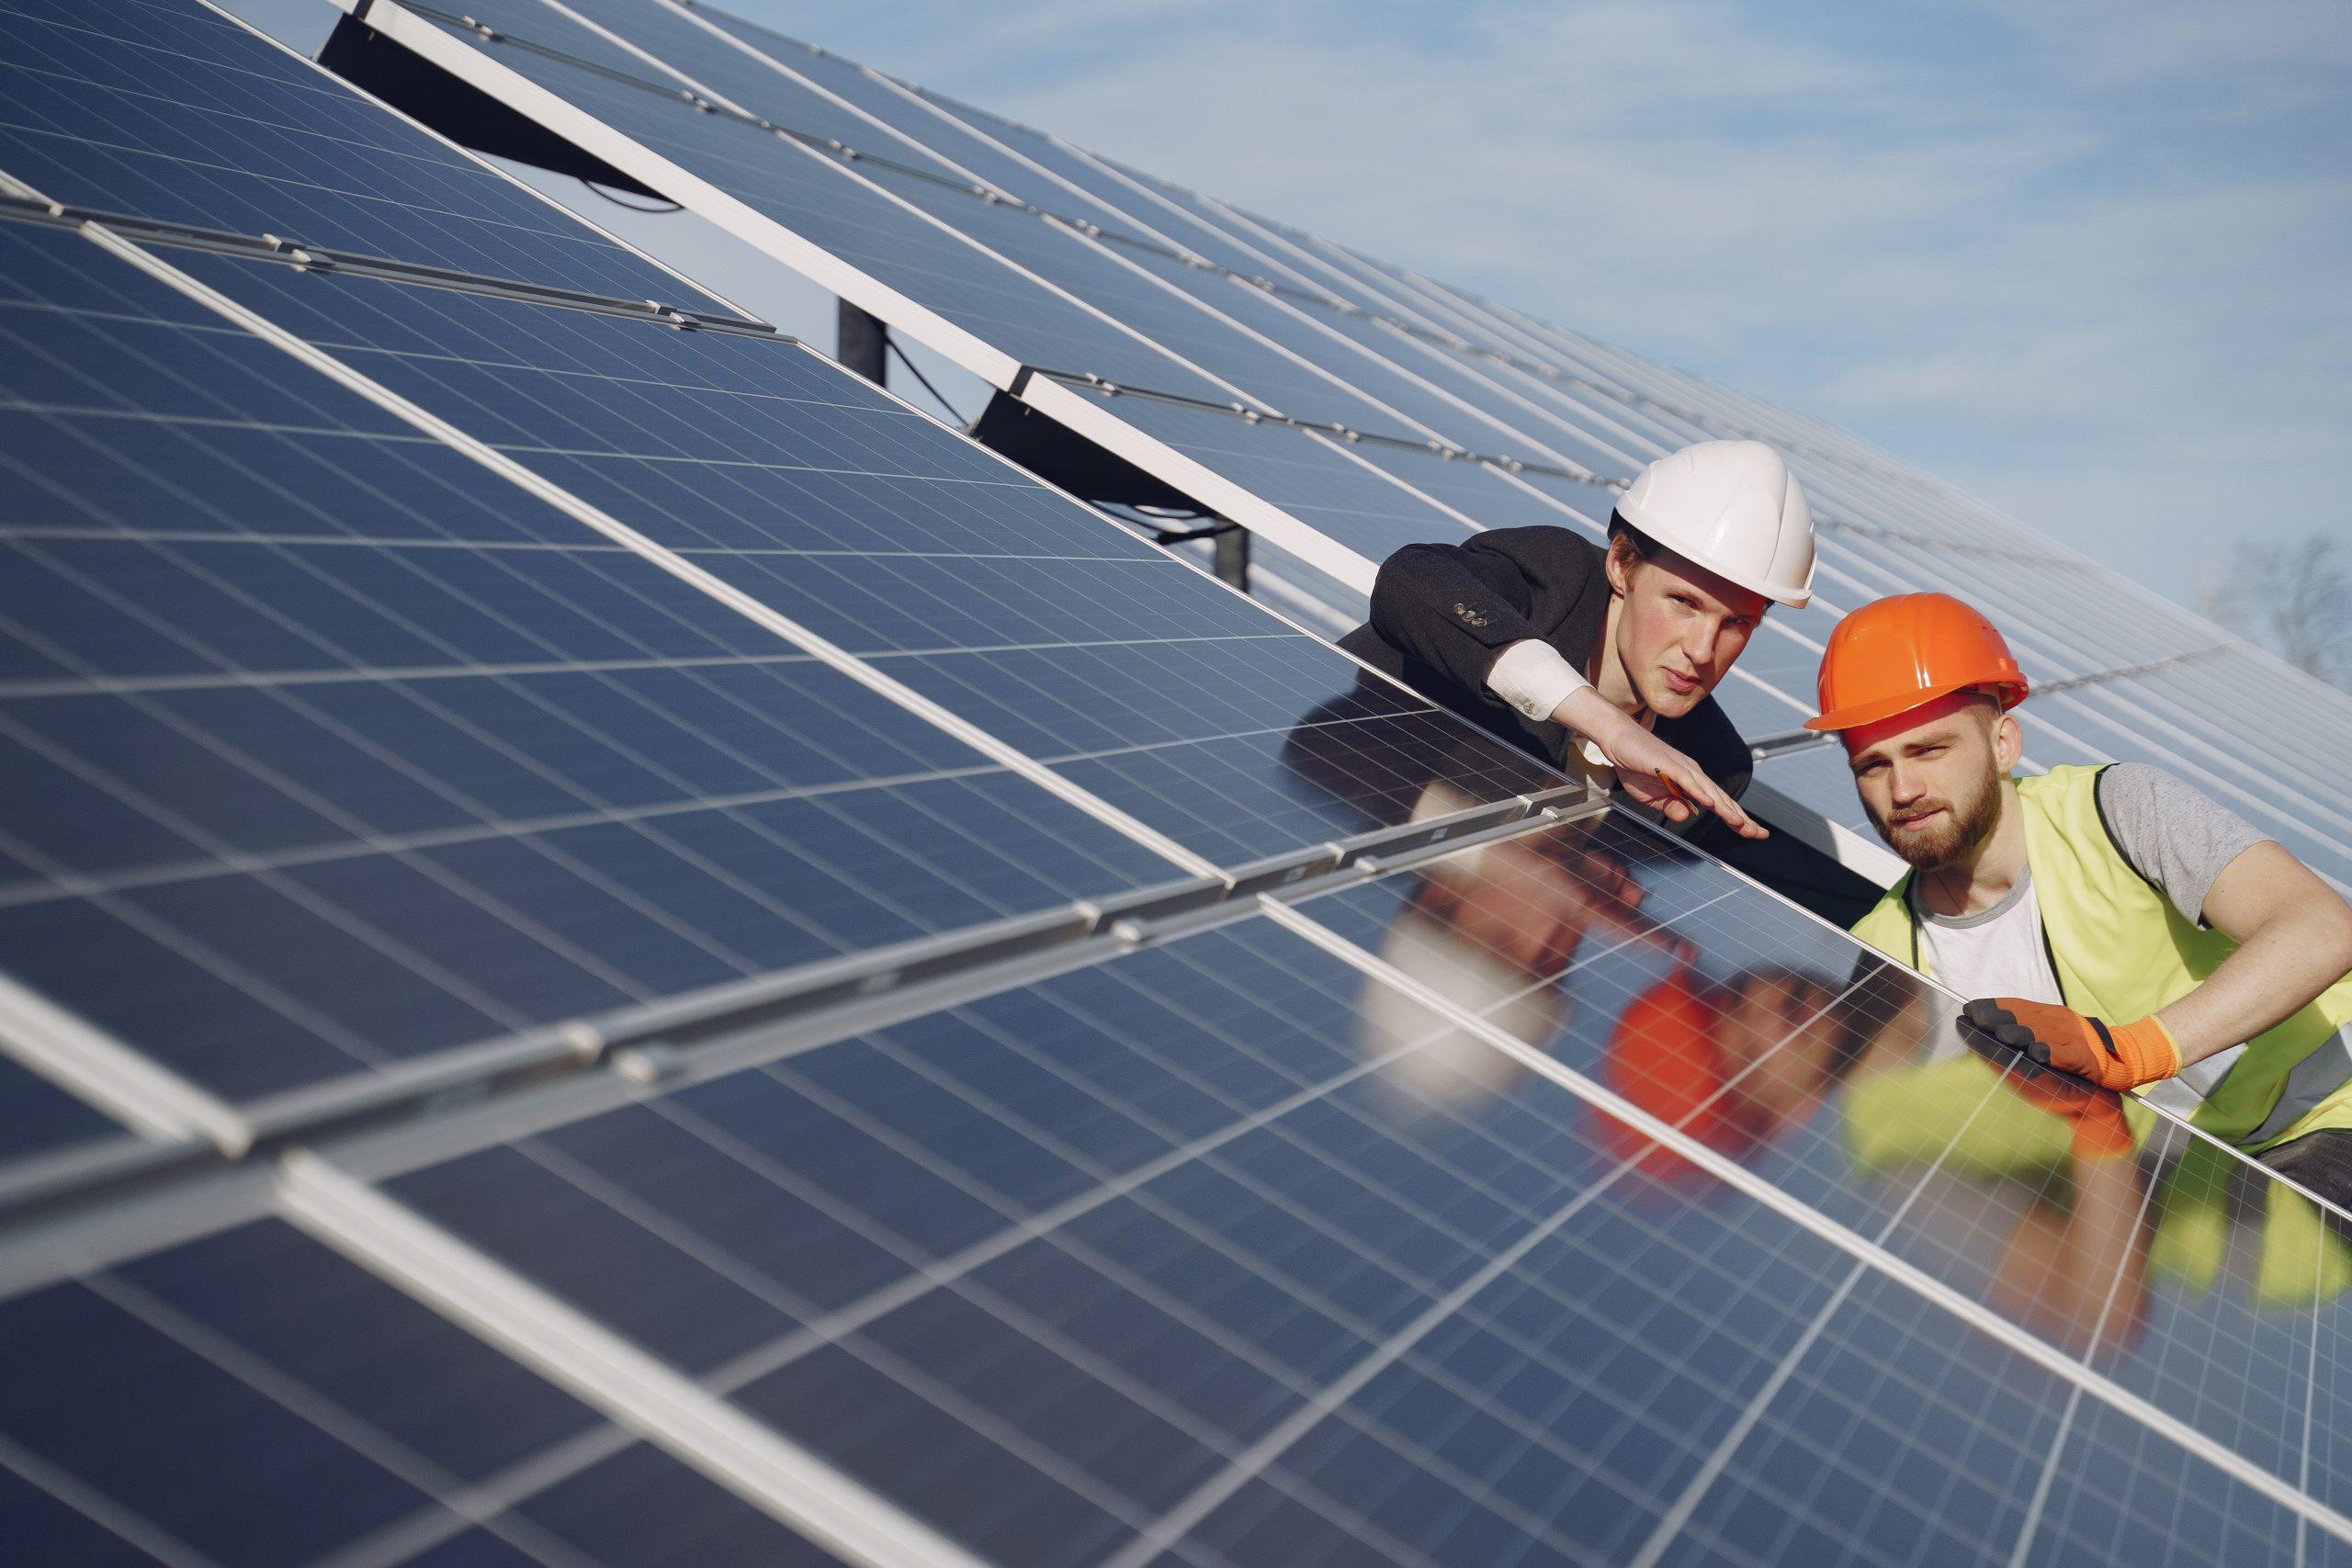 Energia solar pode gerar 11,6 milhões de empregos no mundo até 2030